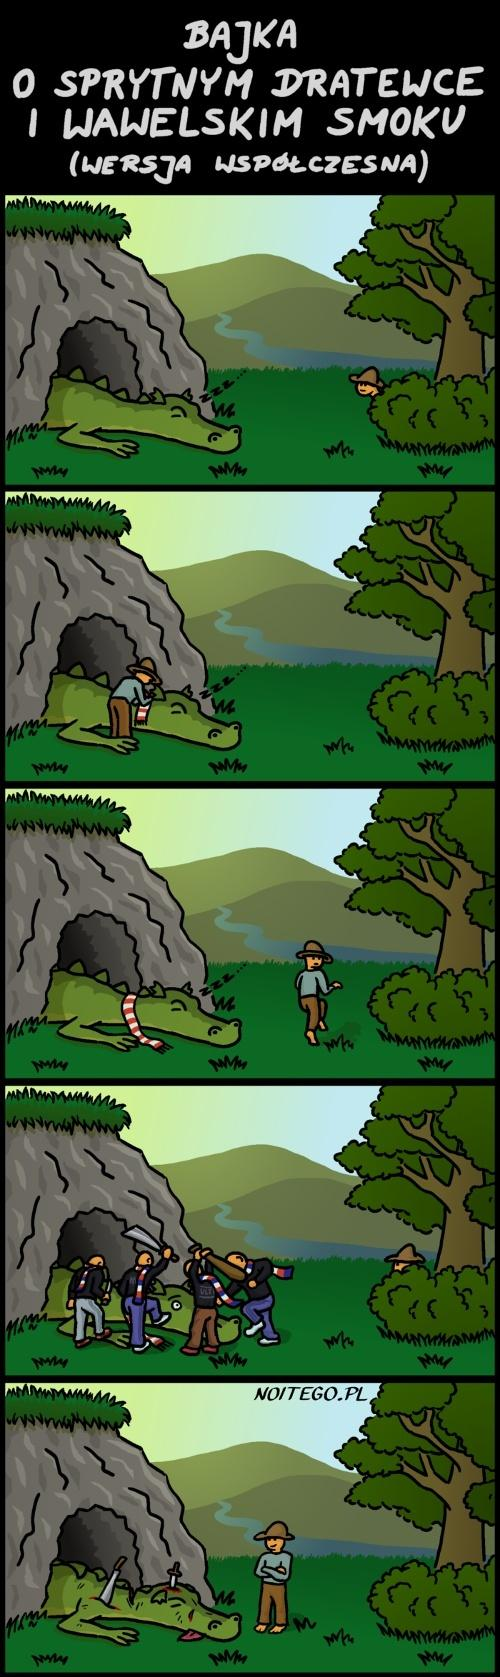 O Dratewce i smoku